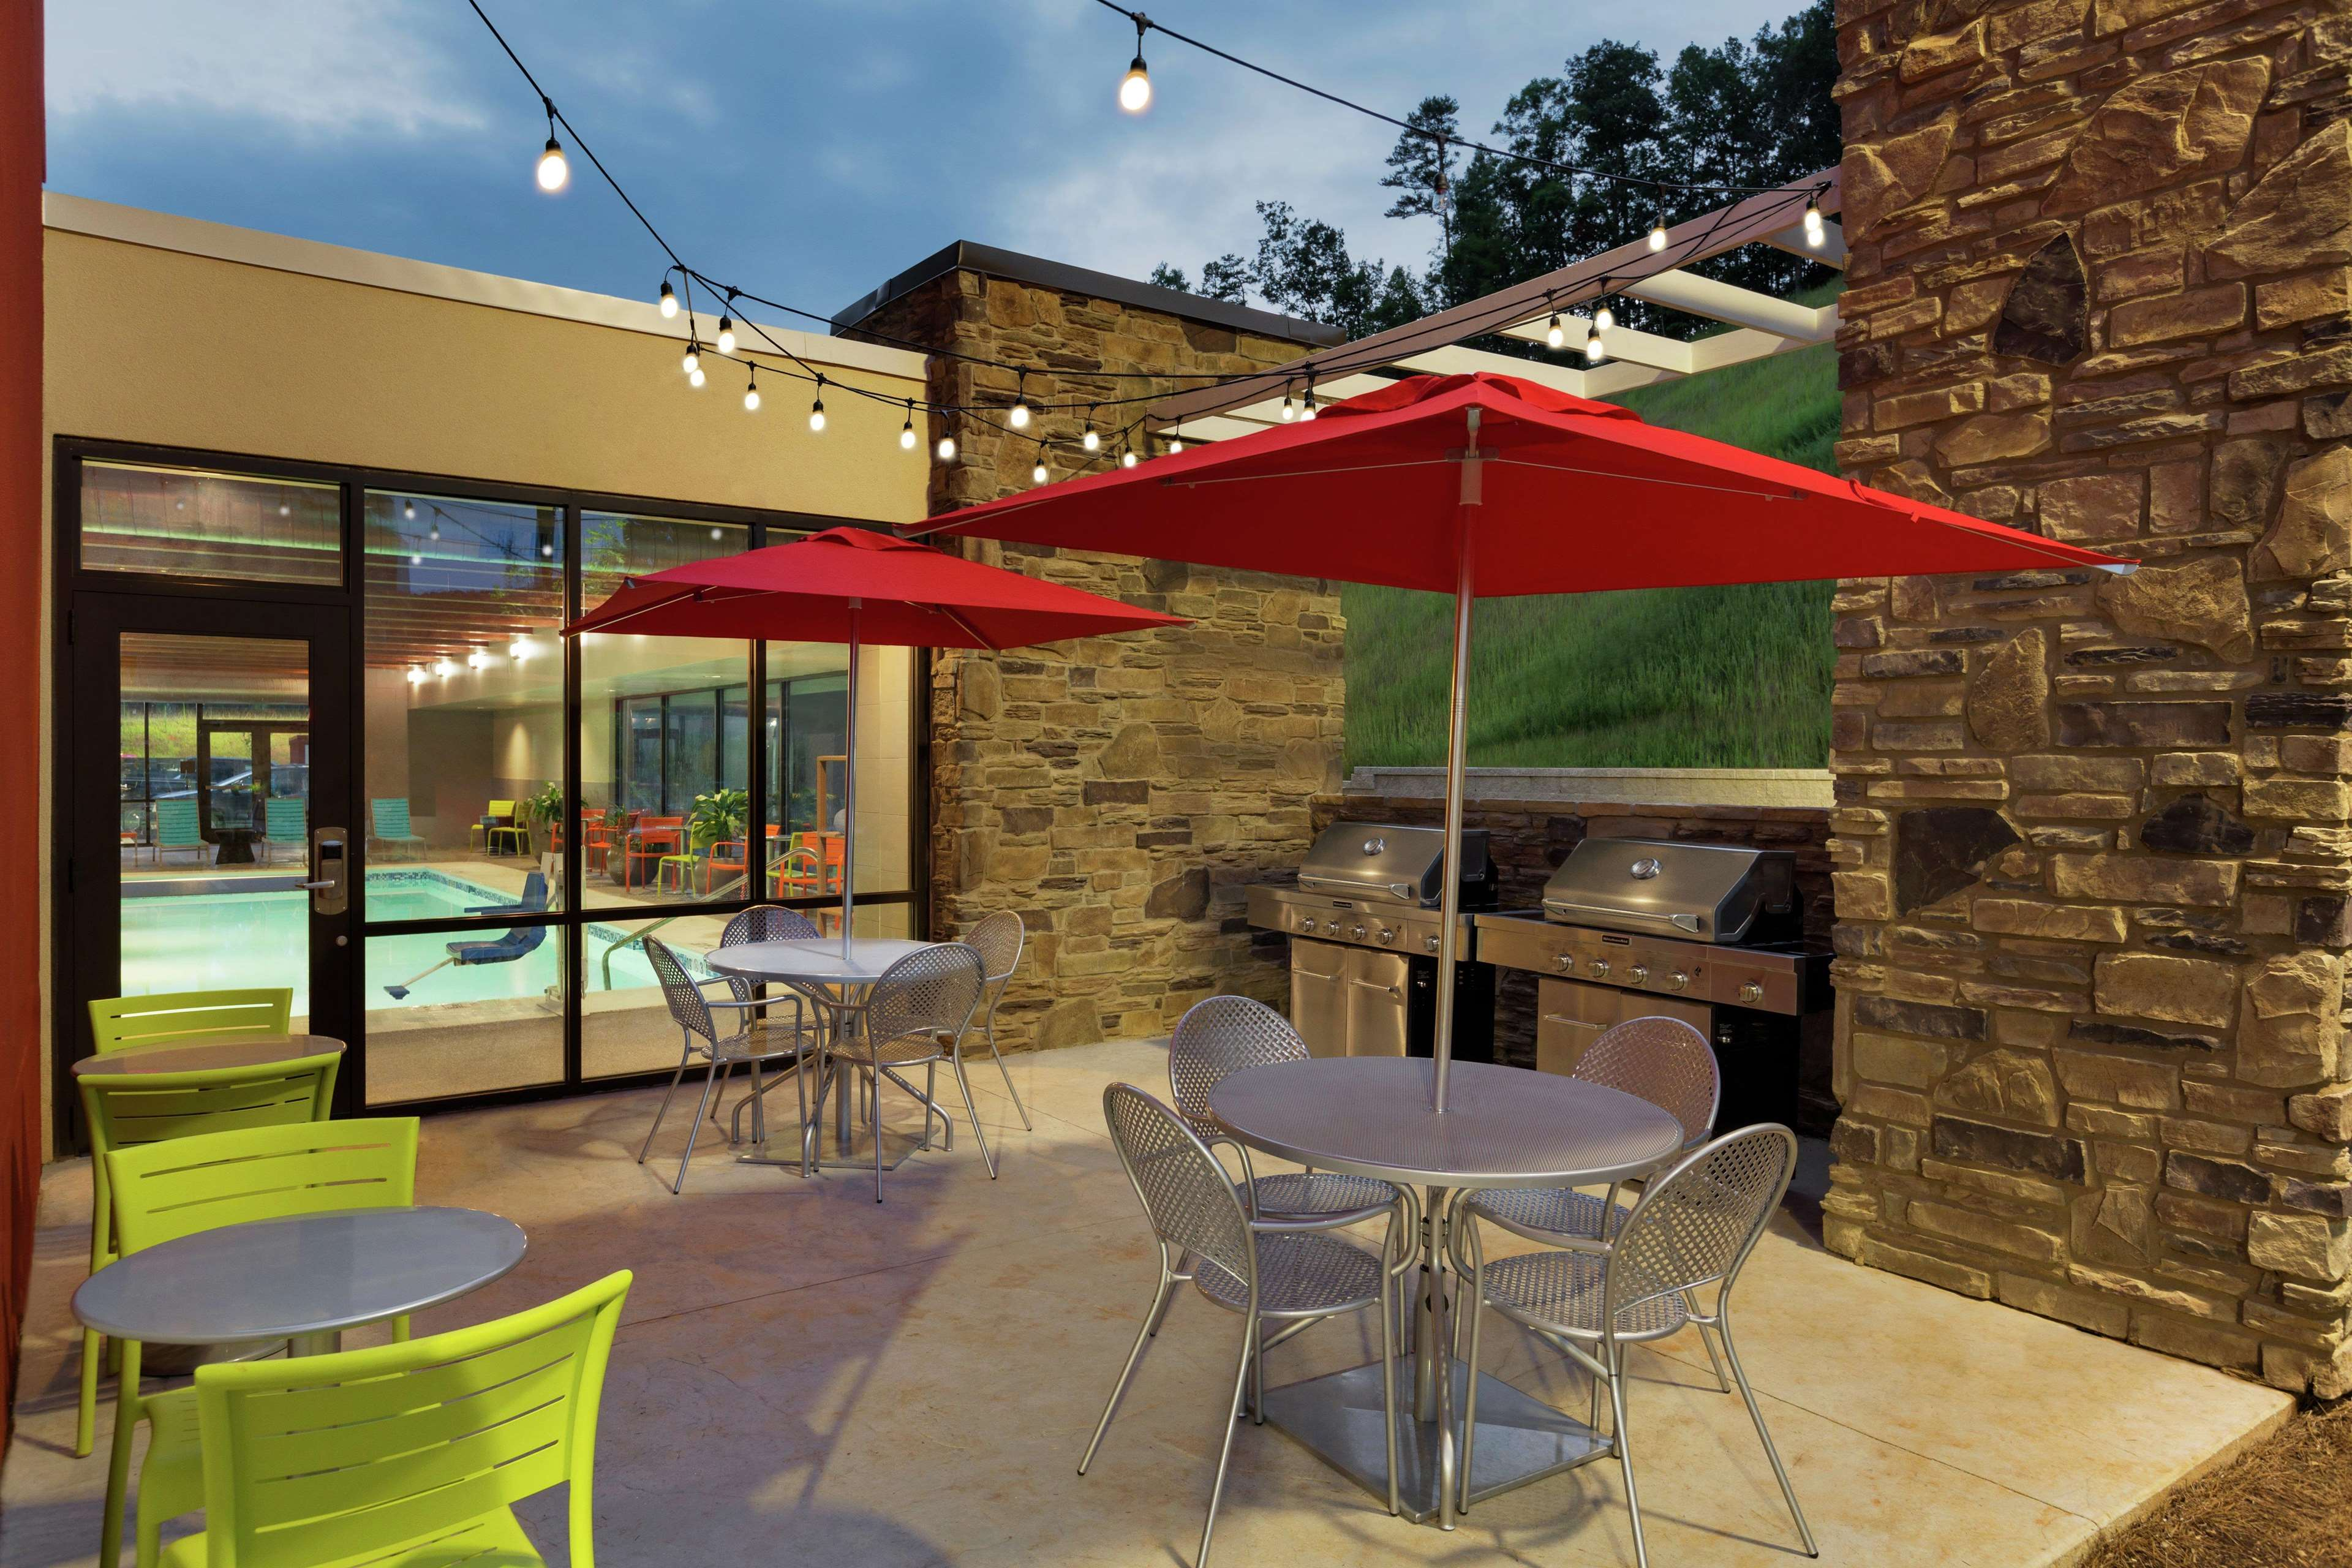 Home2 Suites by HIlton Cartersville